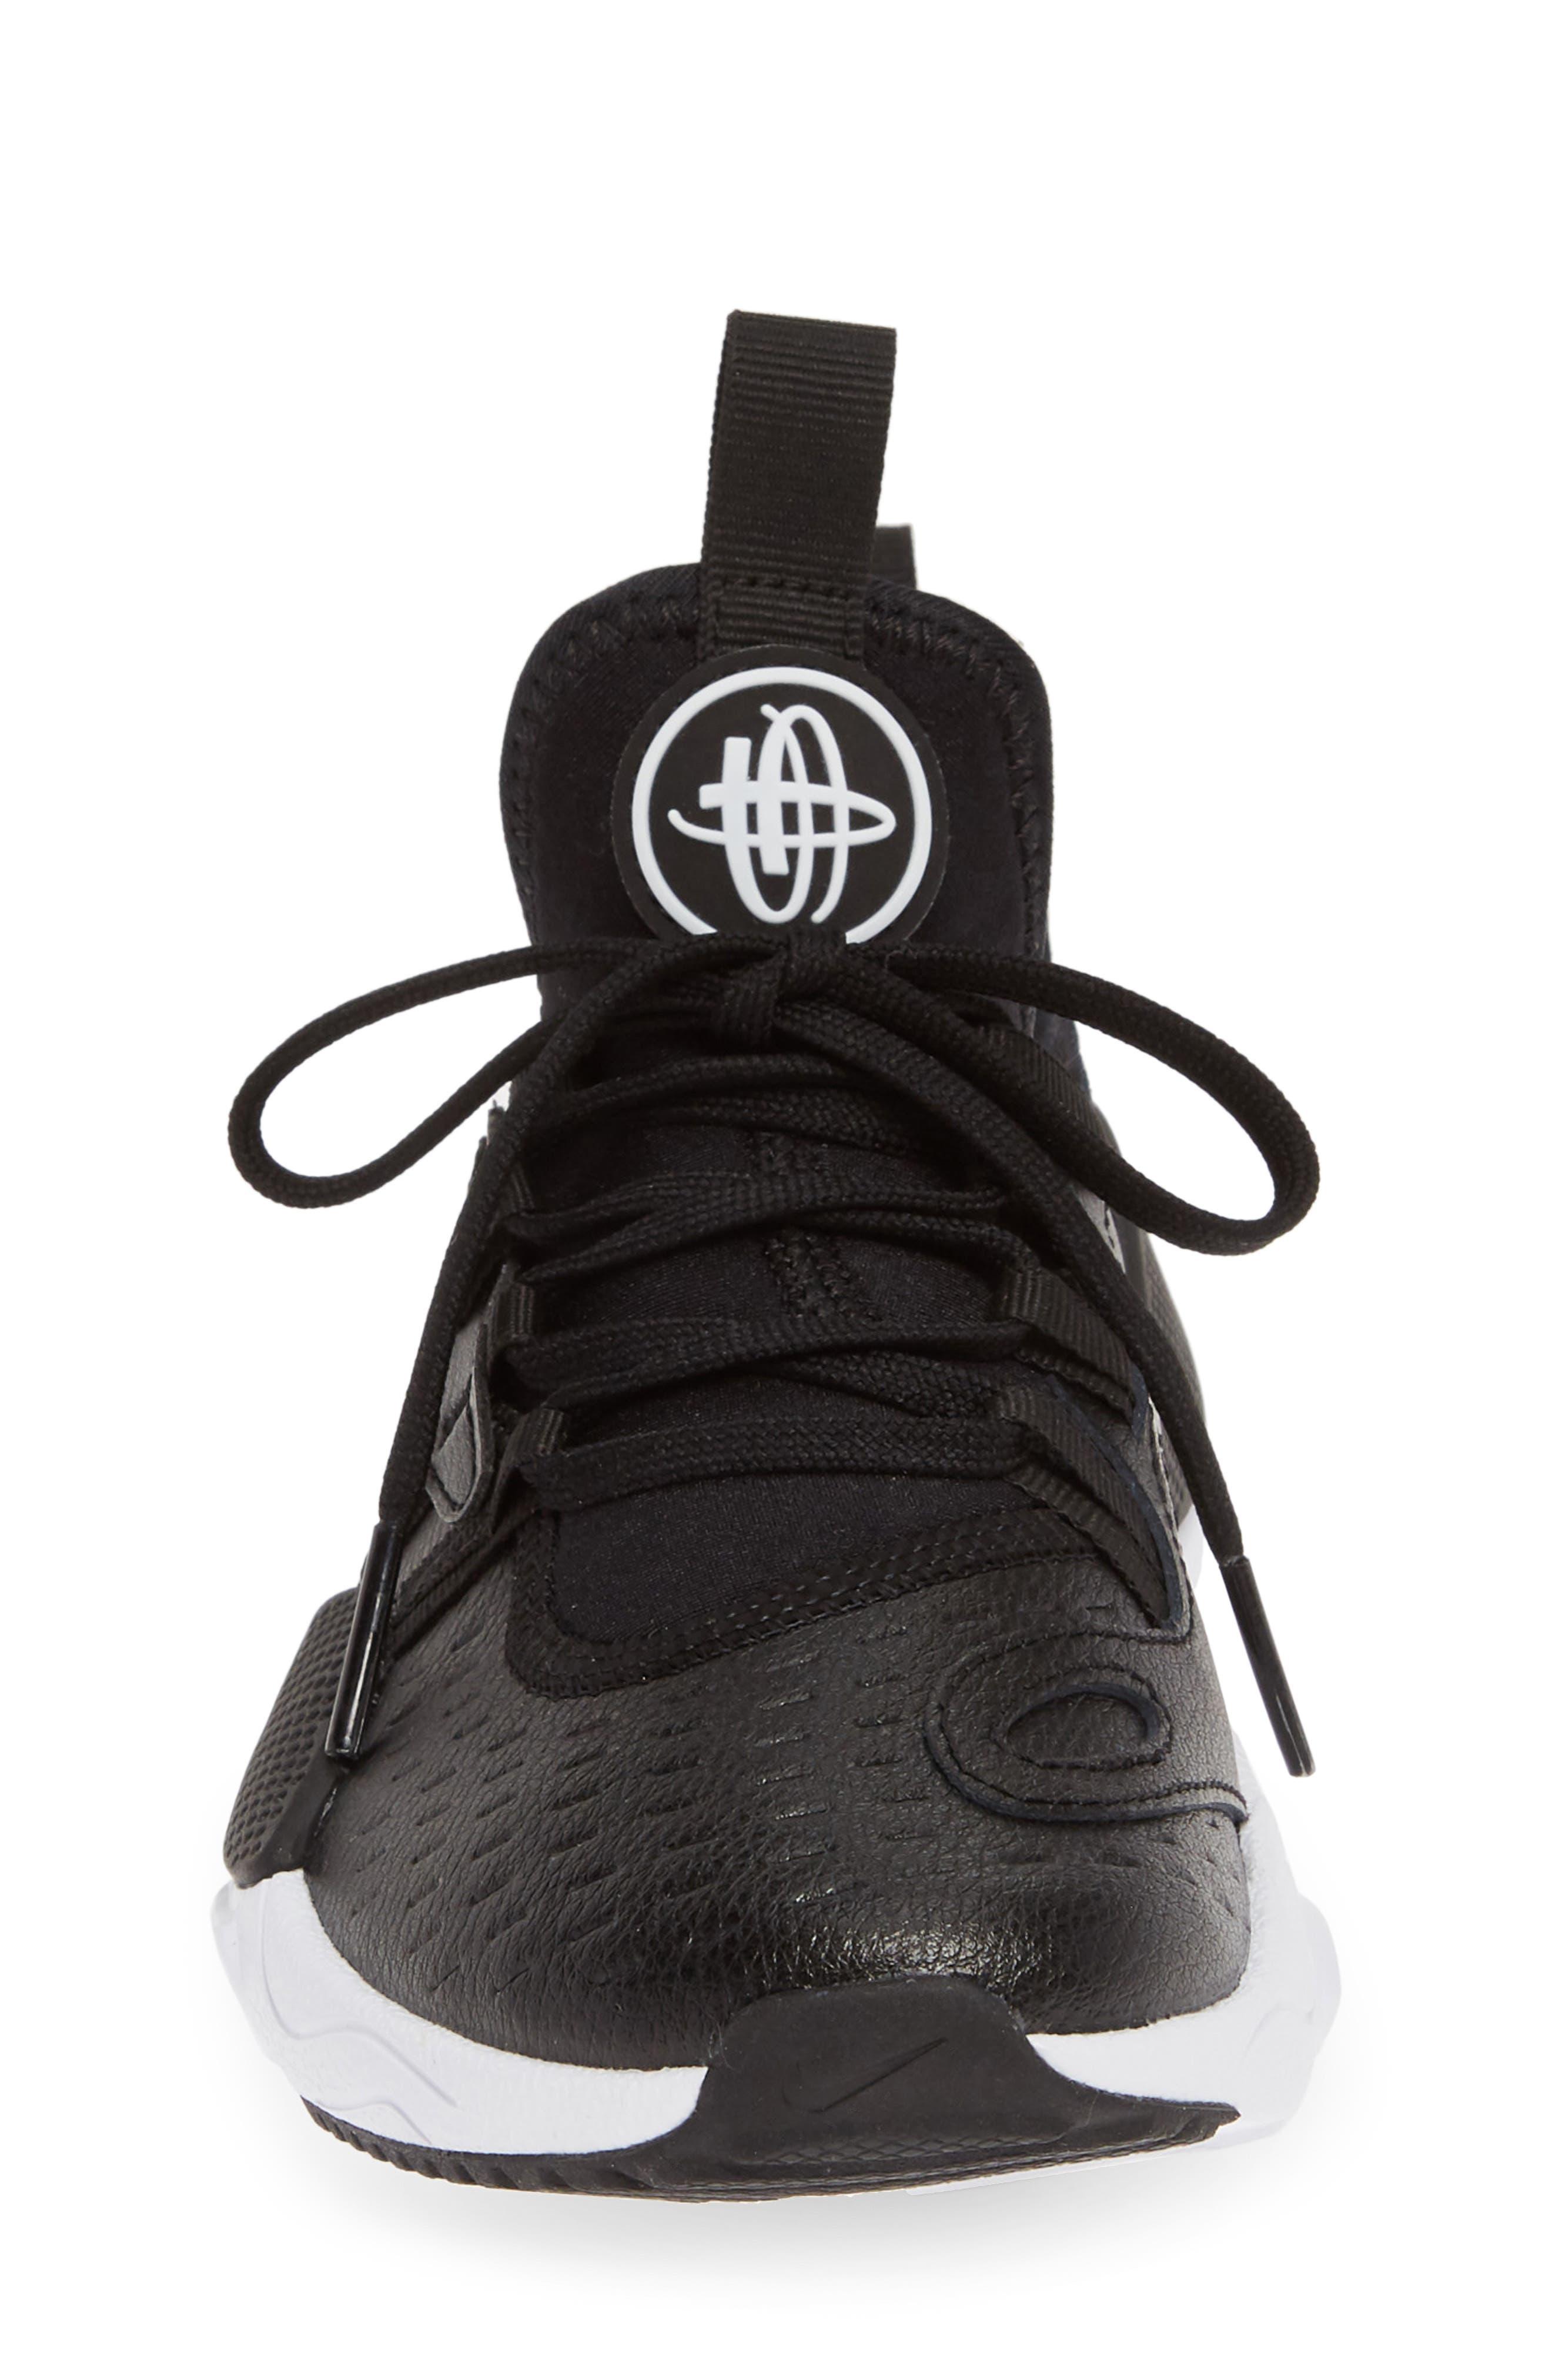 Huarache E.D.G.E. Sneaker,                             Alternate thumbnail 4, color,                             BLACK/ WHITE